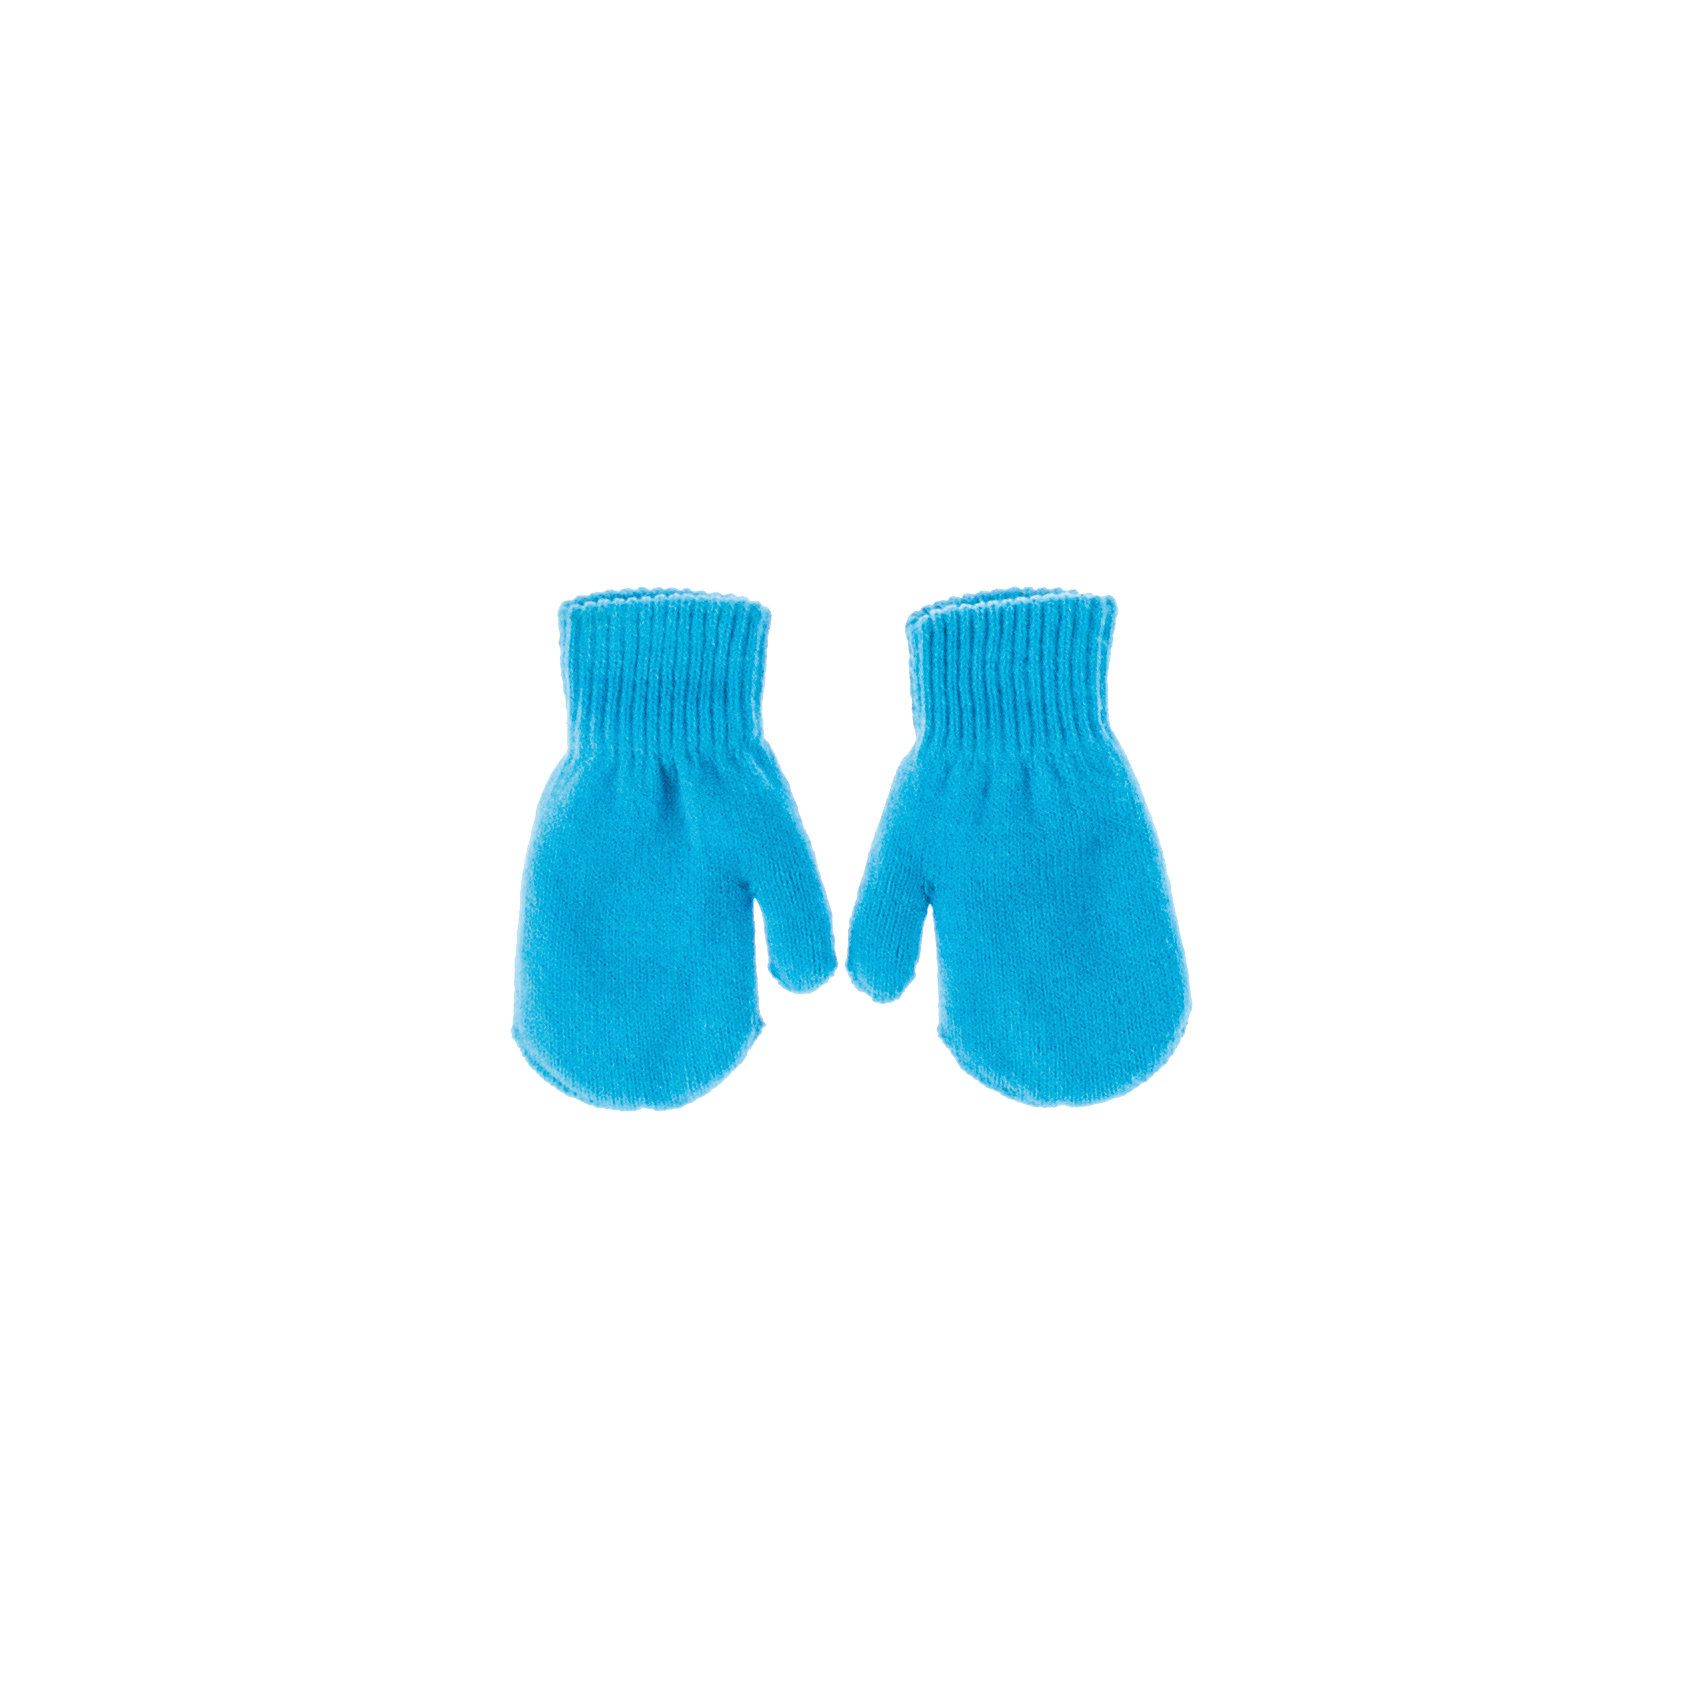 Варежки для девочки PlayTodayВарежки для девочки PlayToday Очень теплые трикотажные варежки с флисовой подкладкой. Состав: Верх: 60% хлопок, 40% акрил, подкладка:100% полиэстер<br><br>Ширина мм: 162<br>Глубина мм: 171<br>Высота мм: 55<br>Вес г: 119<br>Цвет: голубой<br>Возраст от месяцев: 84<br>Возраст до месяцев: 96<br>Пол: Женский<br>Возраст: Детский<br>Размер: 15,14,13<br>SKU: 4228686